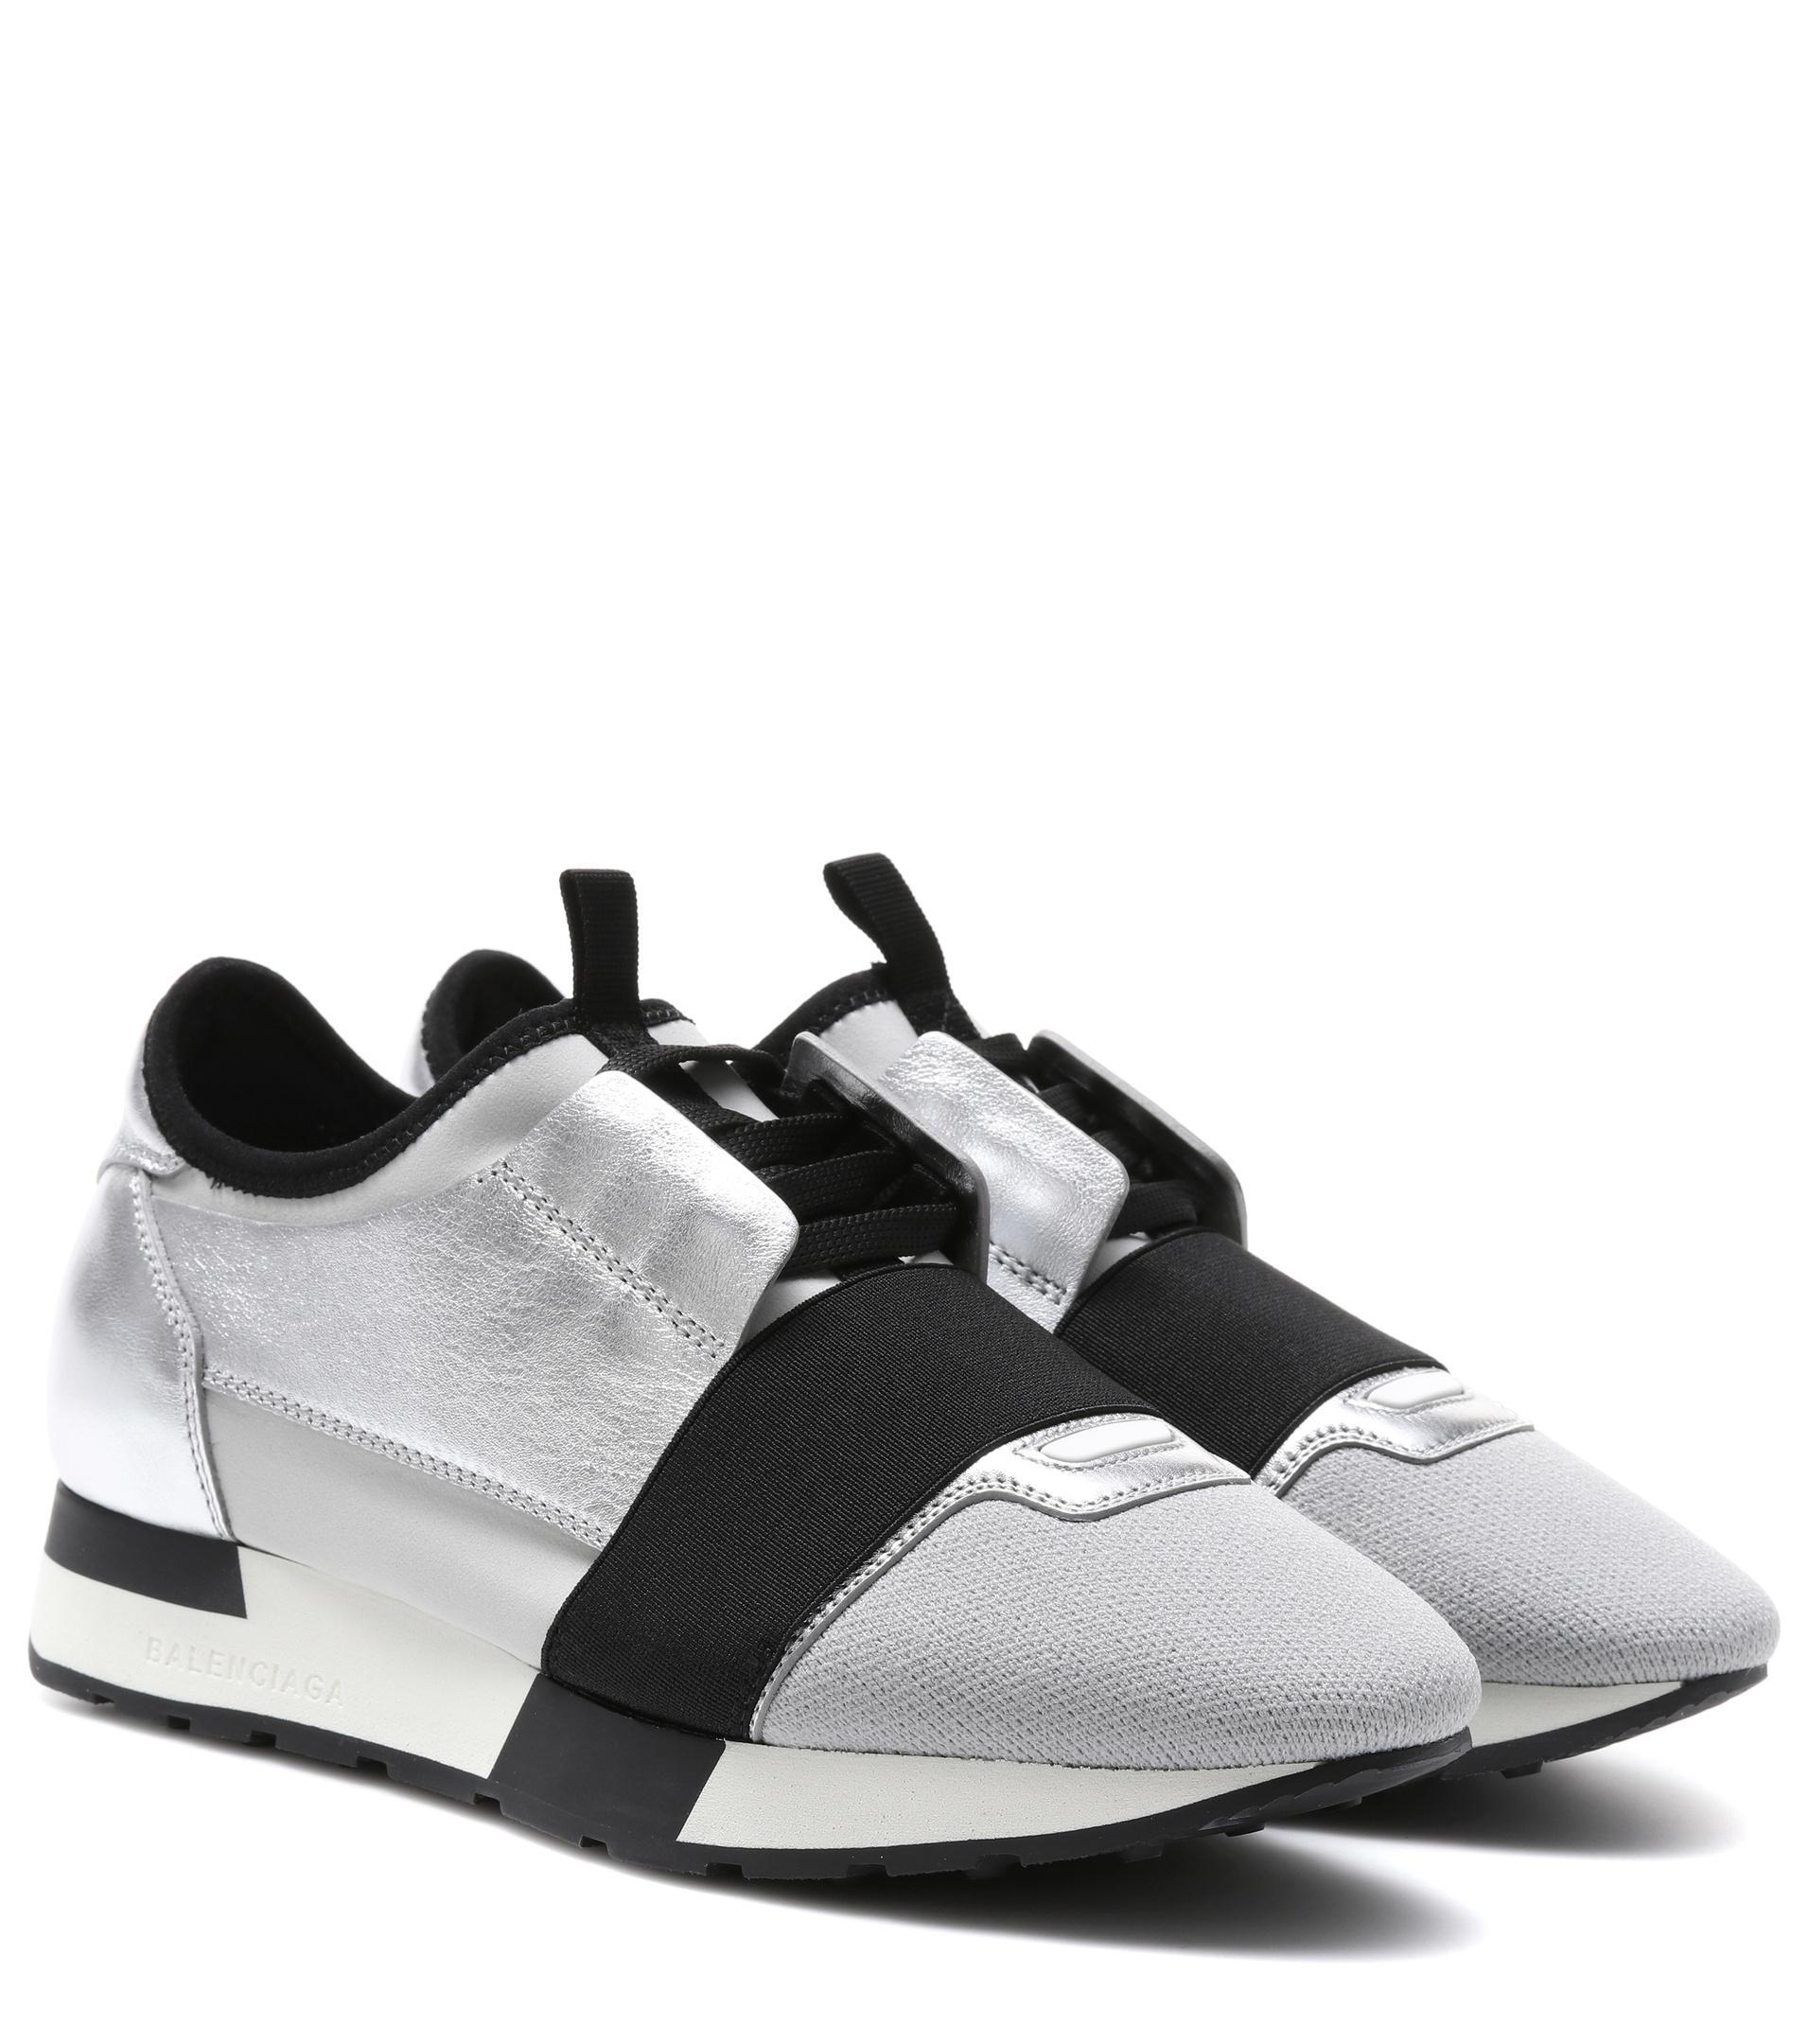 Grey and Silver Race Runner Leather Sneakers - Metallic Balenciaga iXqDeU